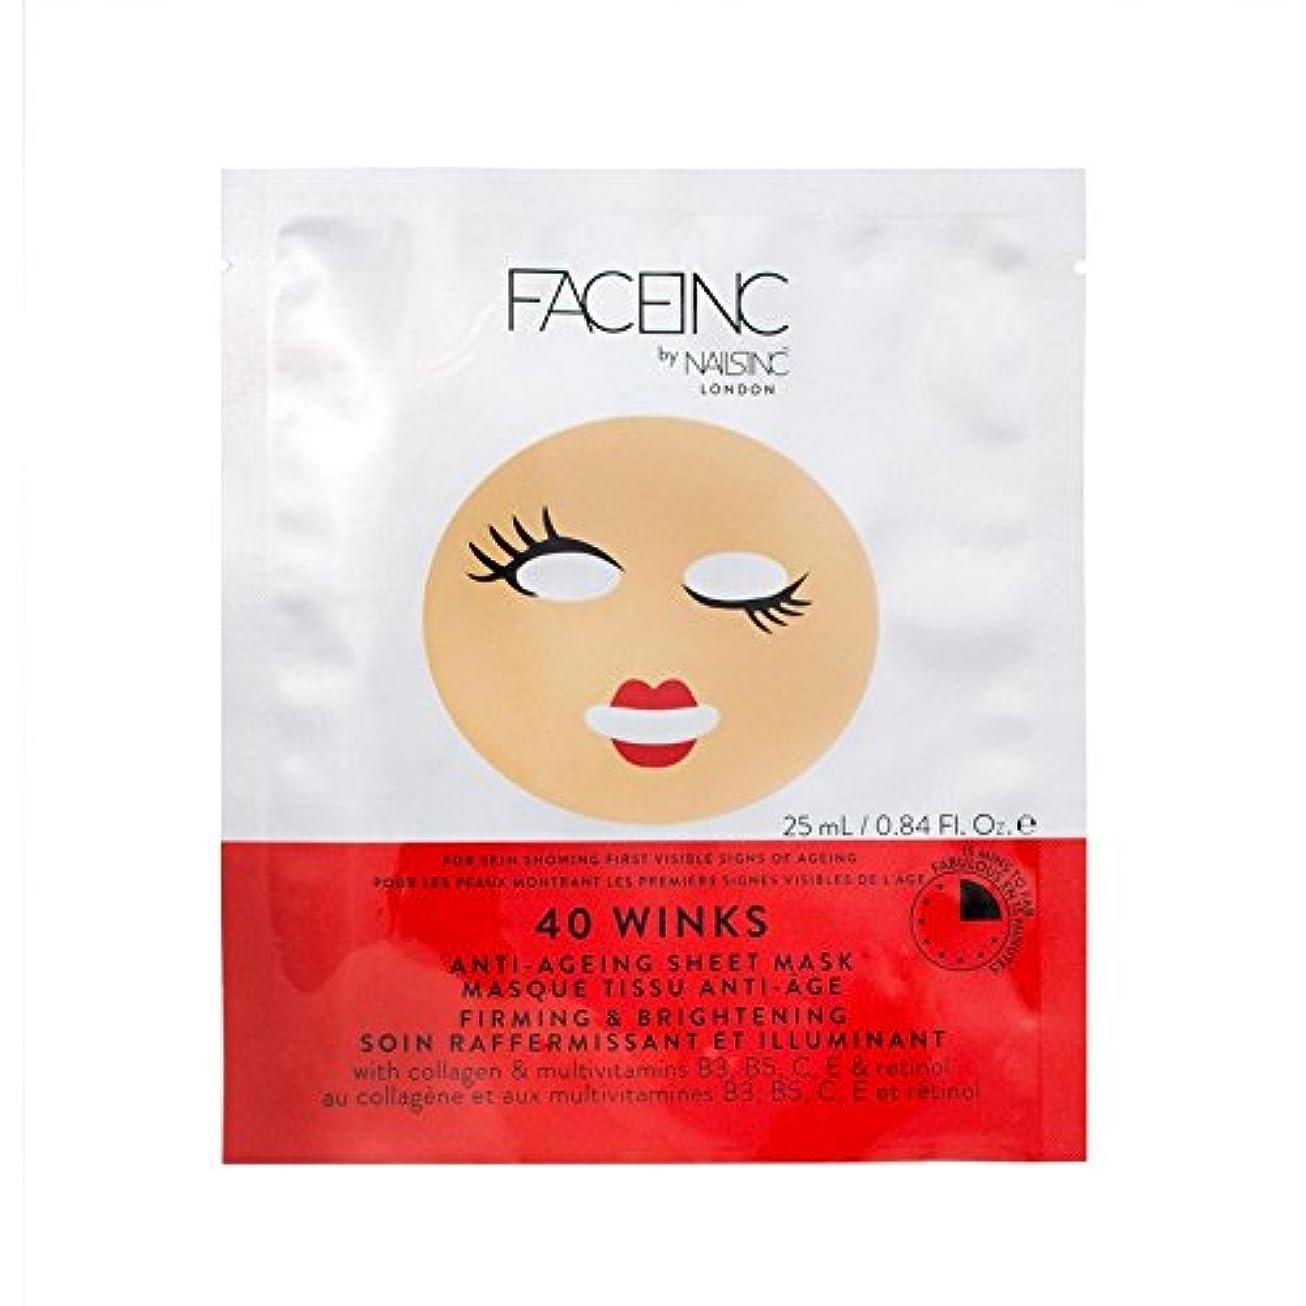 いらいらする間違いなく病者爪が株式会社顔株式会社40のウィンクは、マスク x4 - Nails Inc. Face Inc 40 Winks Mask (Pack of 4) [並行輸入品]